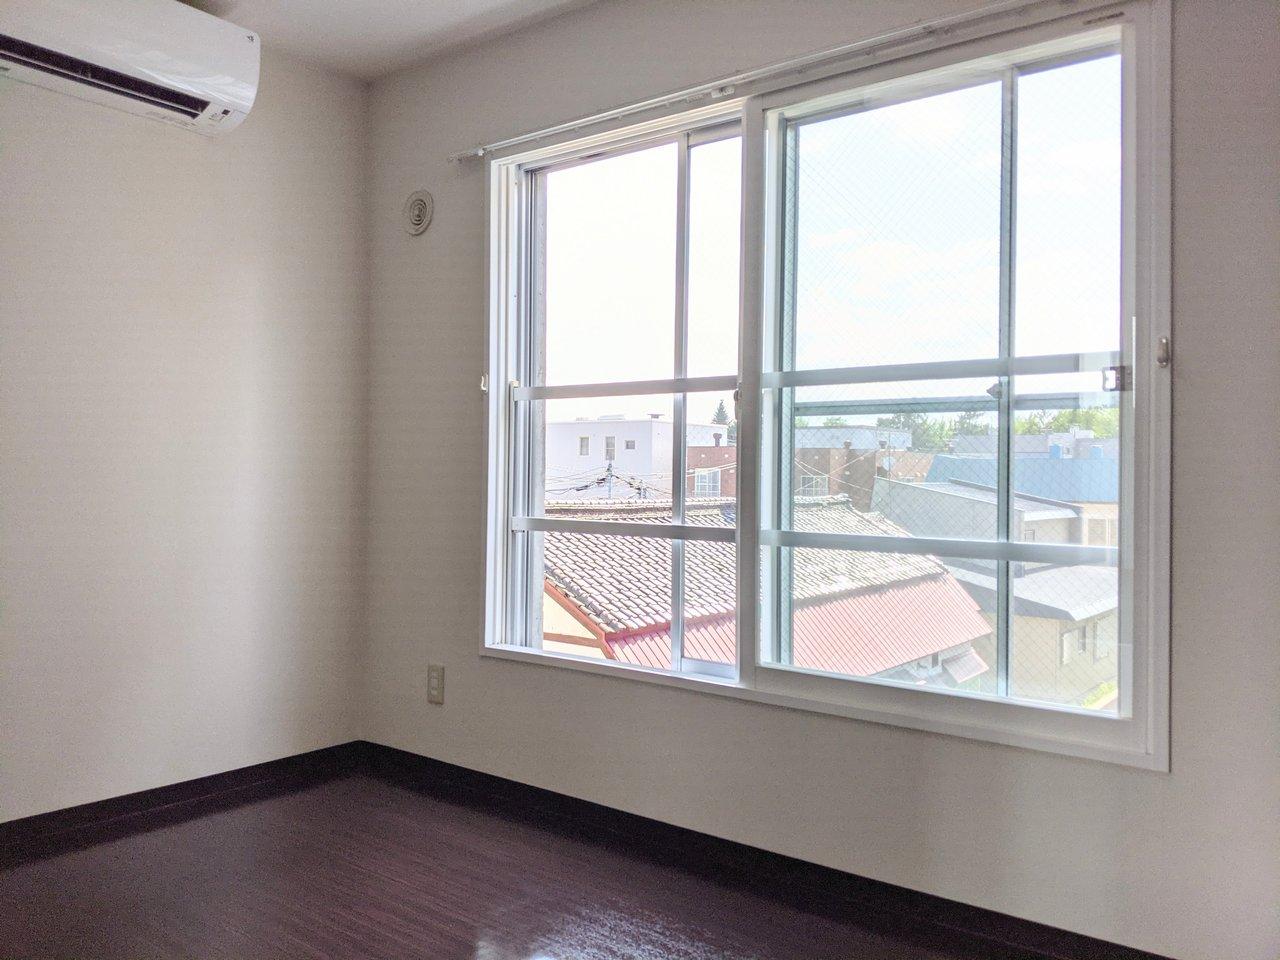 寝室は4.5畳とややコンパクトですが、その分収納が大きいです。窓は南東向きなので明るい光が入ります。開放的に感じられますね。